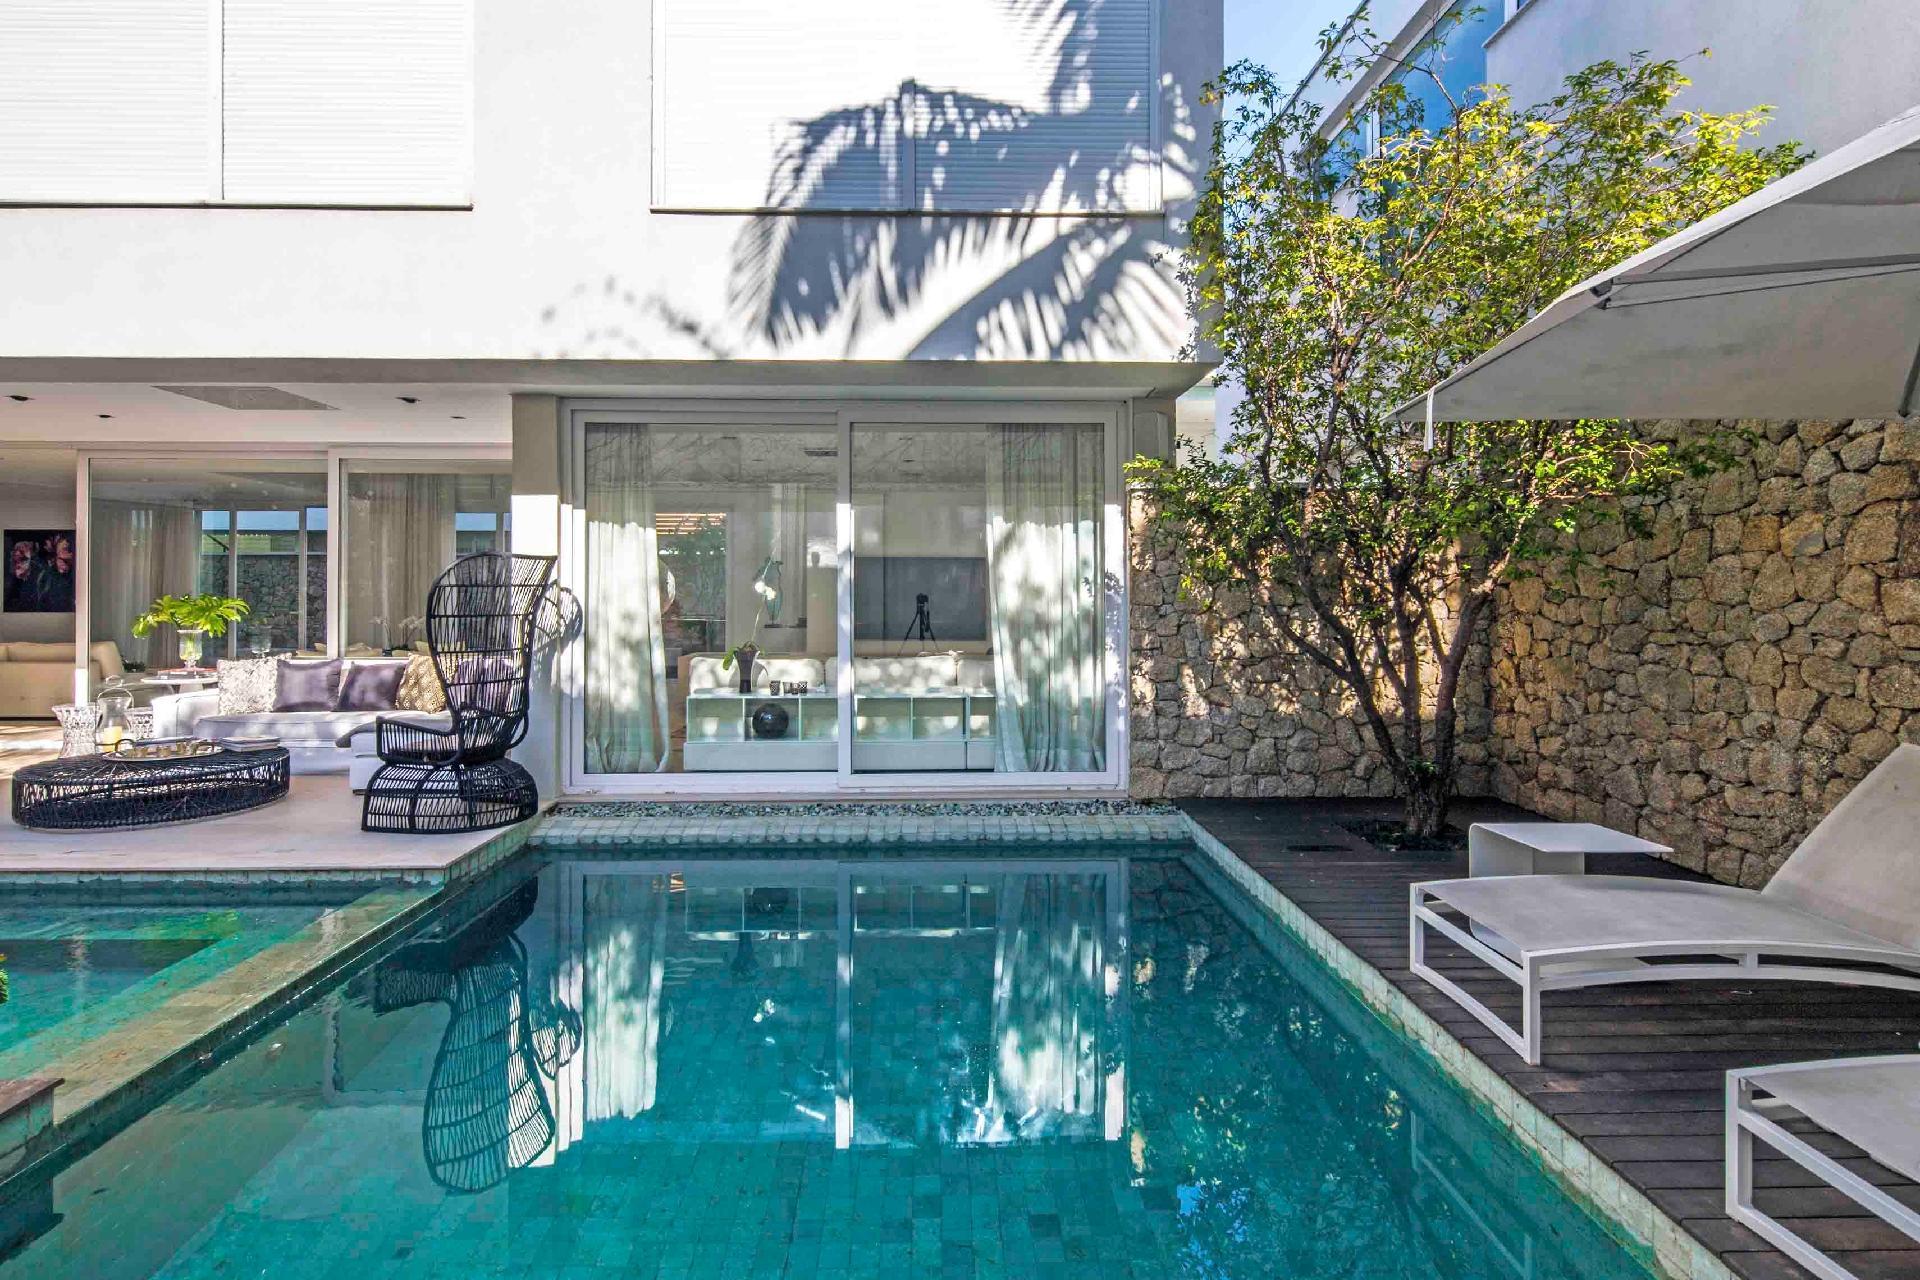 A piscina com spa é uma das atrações da casa no condomínio Bauhaus, projetado por Monica Drucker. O espaço se integra com o interior onde estão estar e home theater